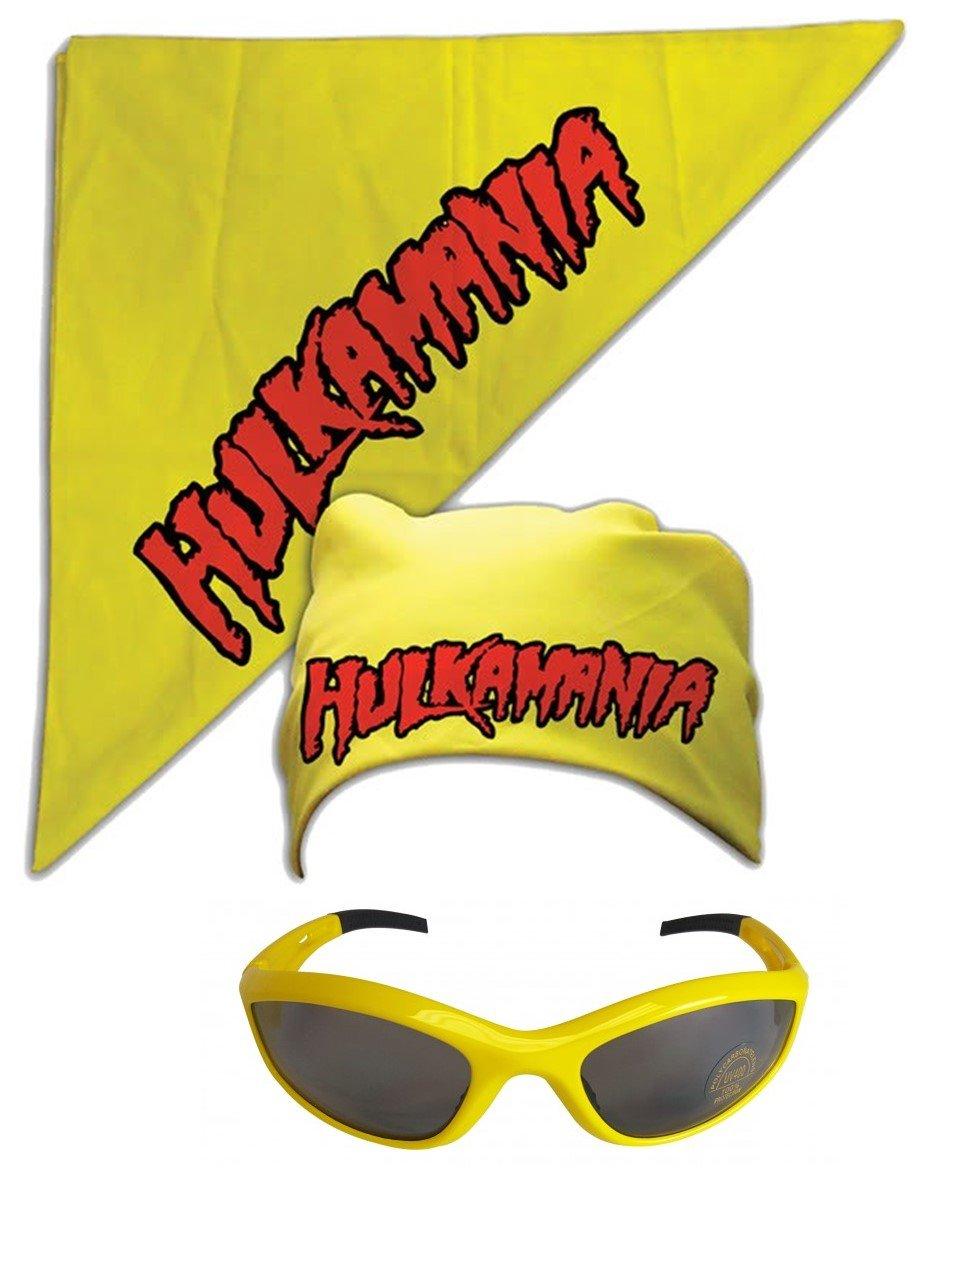 Hulk Hogan Hulkamania Bandana Sunglasses Costume -Yellow-Yellow